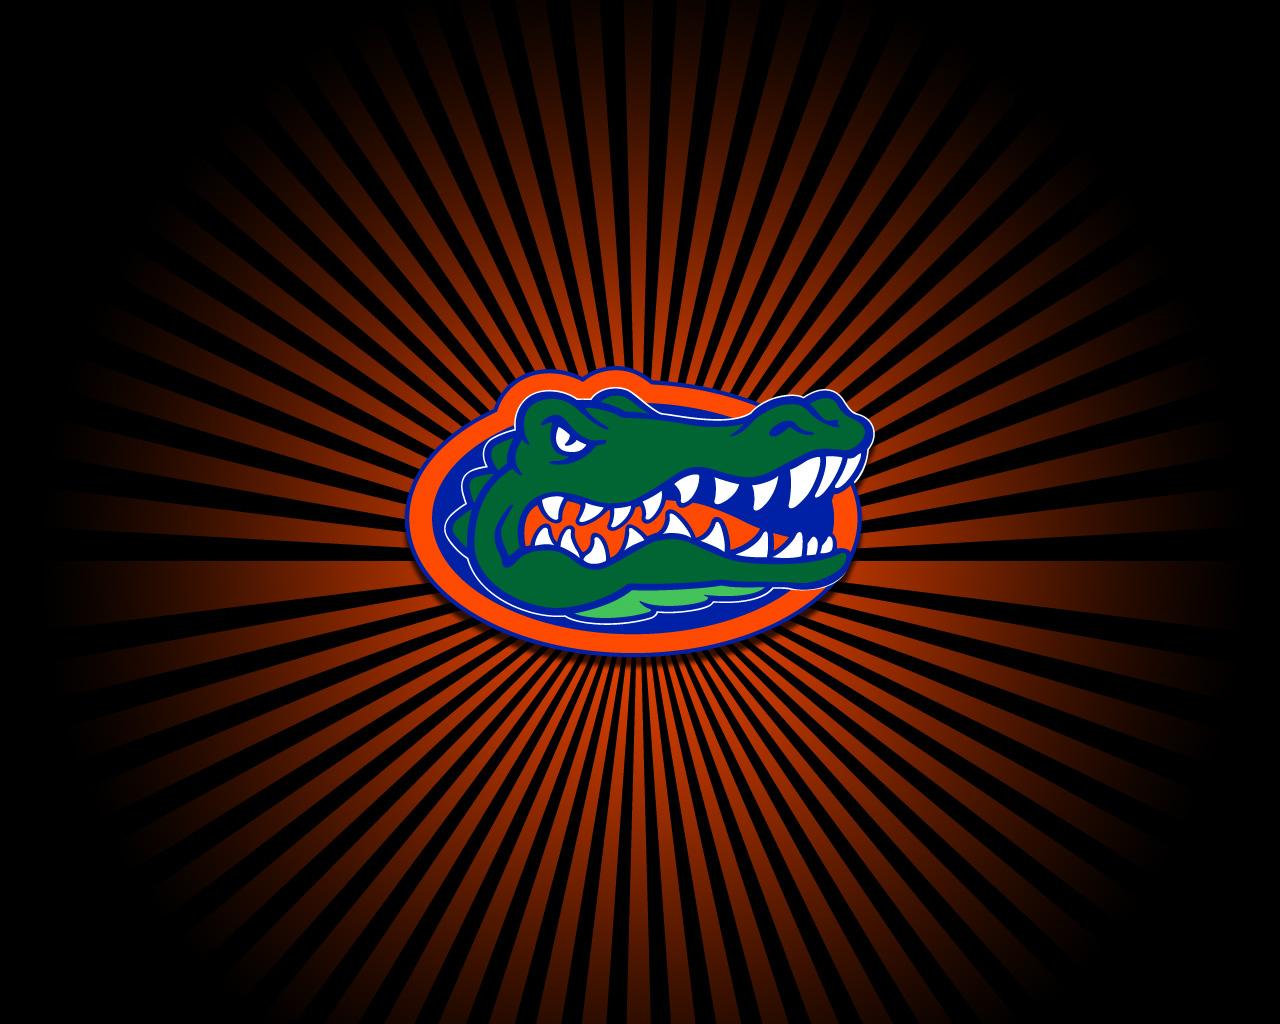 43 Free Florida Gator Wallpaper On Wallpapersafari